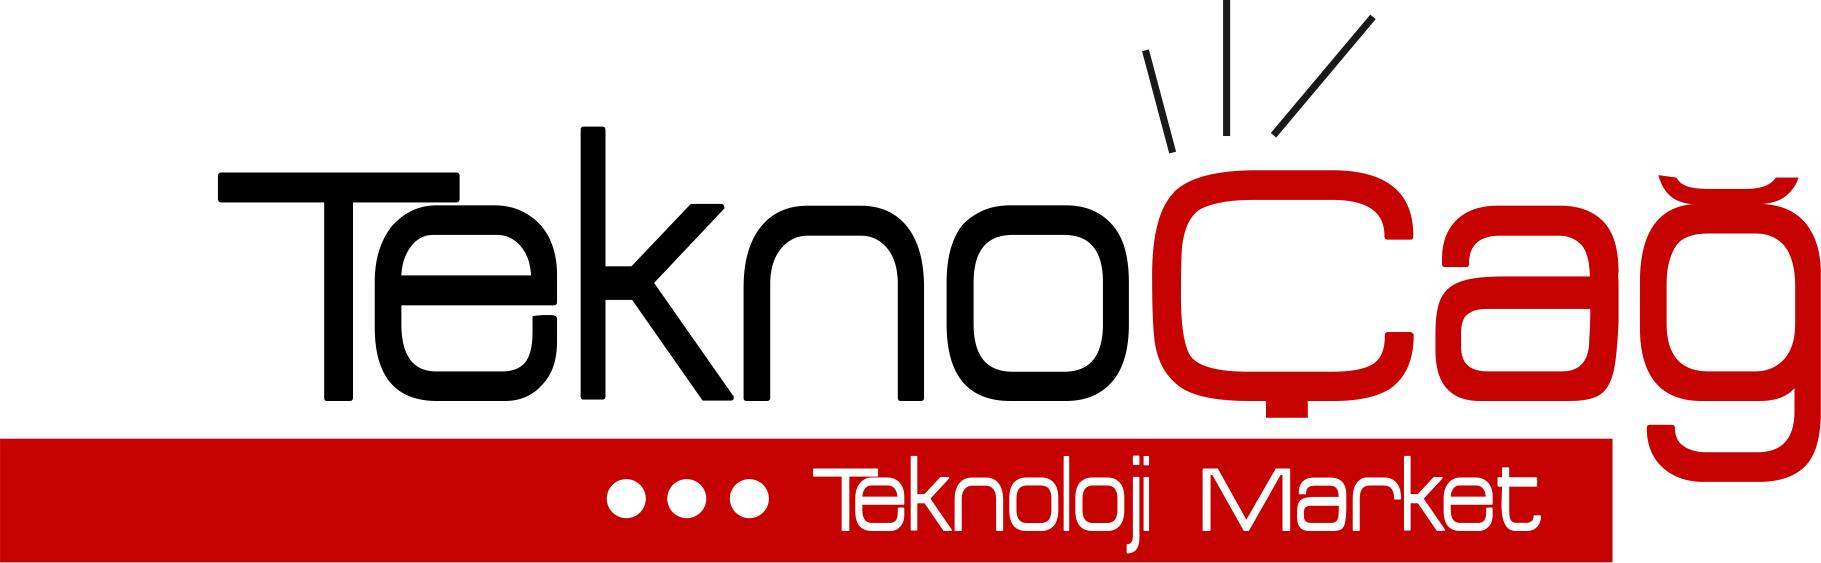 techno cag logo.jpg